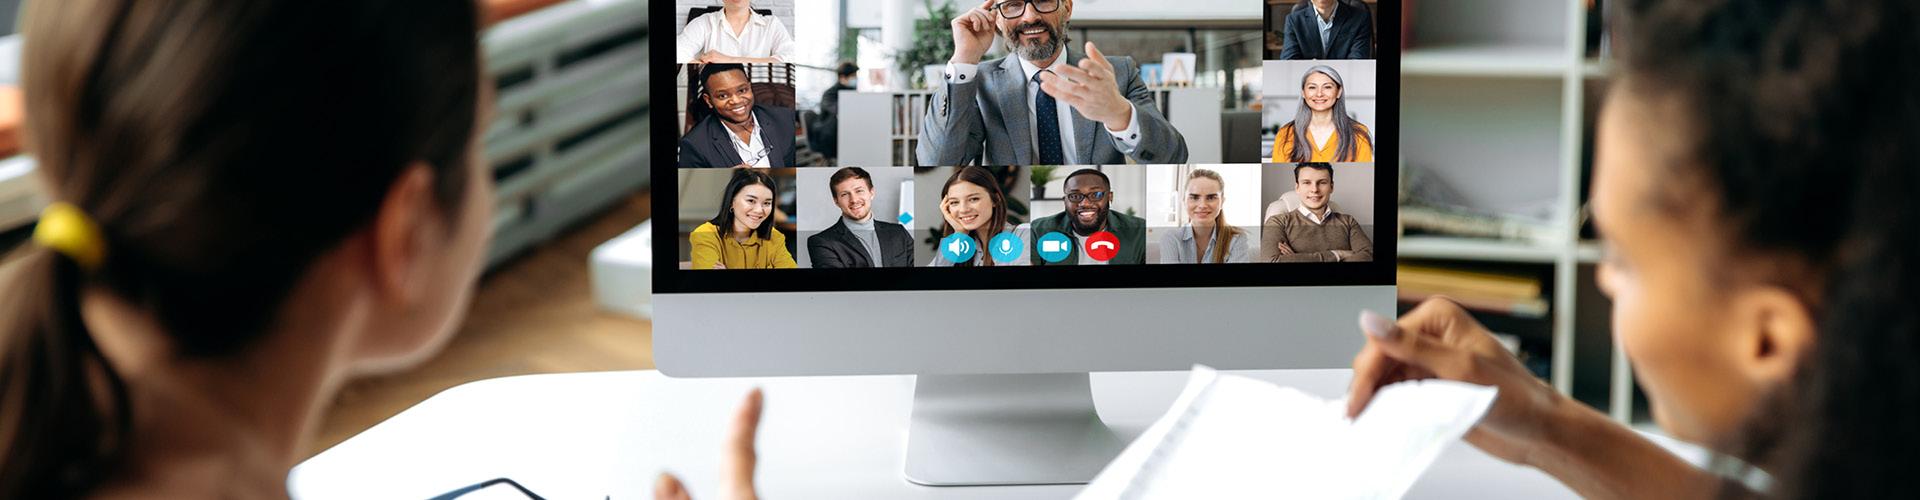 Infolge der Coronakrise hat der Trend zu virtueller Teamzusammenarbeit zugenommen: Tipps, wie virtuelle oder hybride Teamführung gelingen kann.